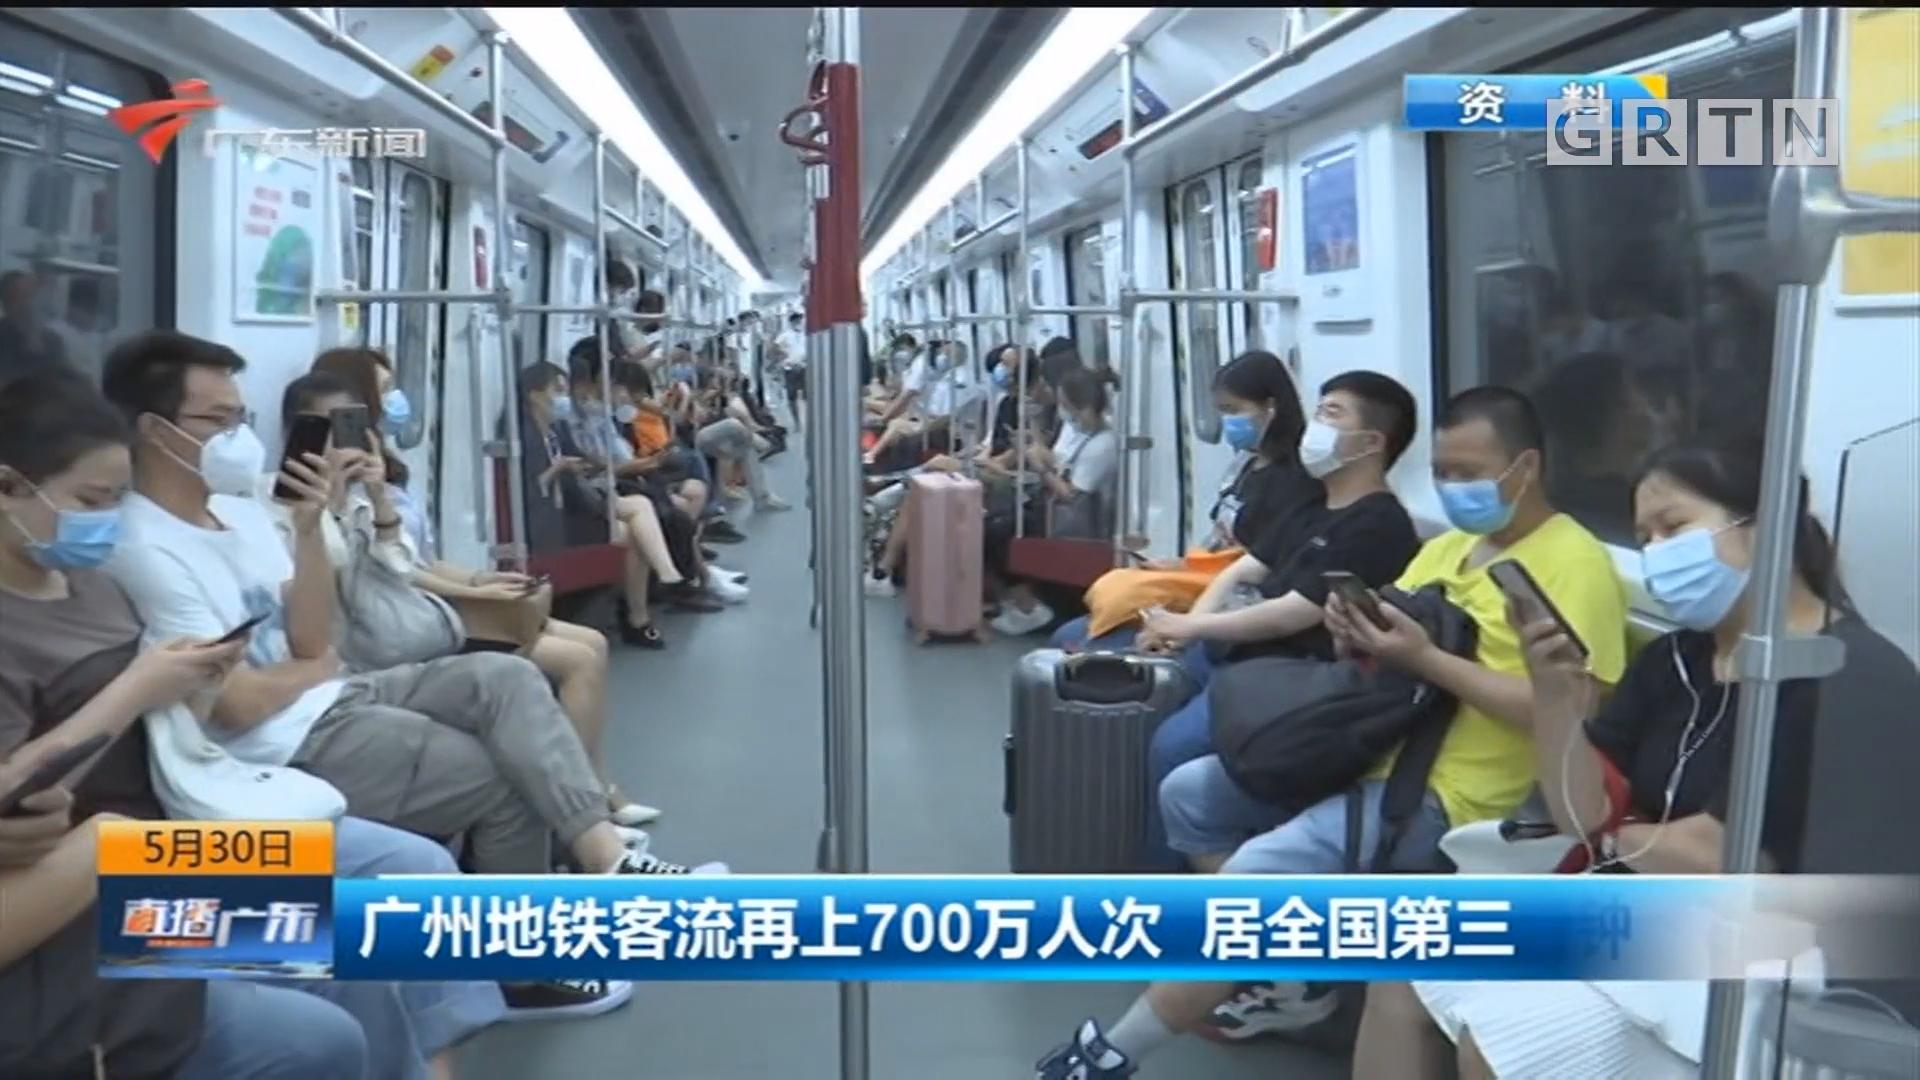 广州地铁客流再上700万人次 居全国第三